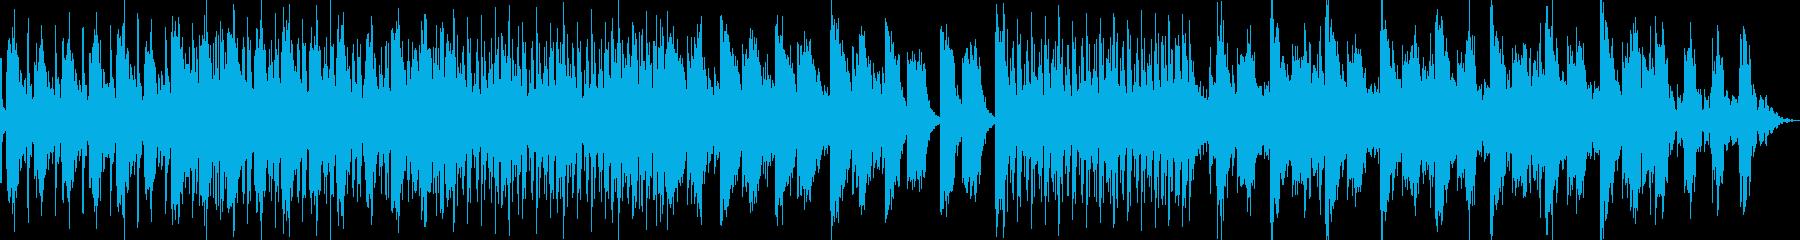 女性ボーカルとヴォコーダーのハウスの再生済みの波形